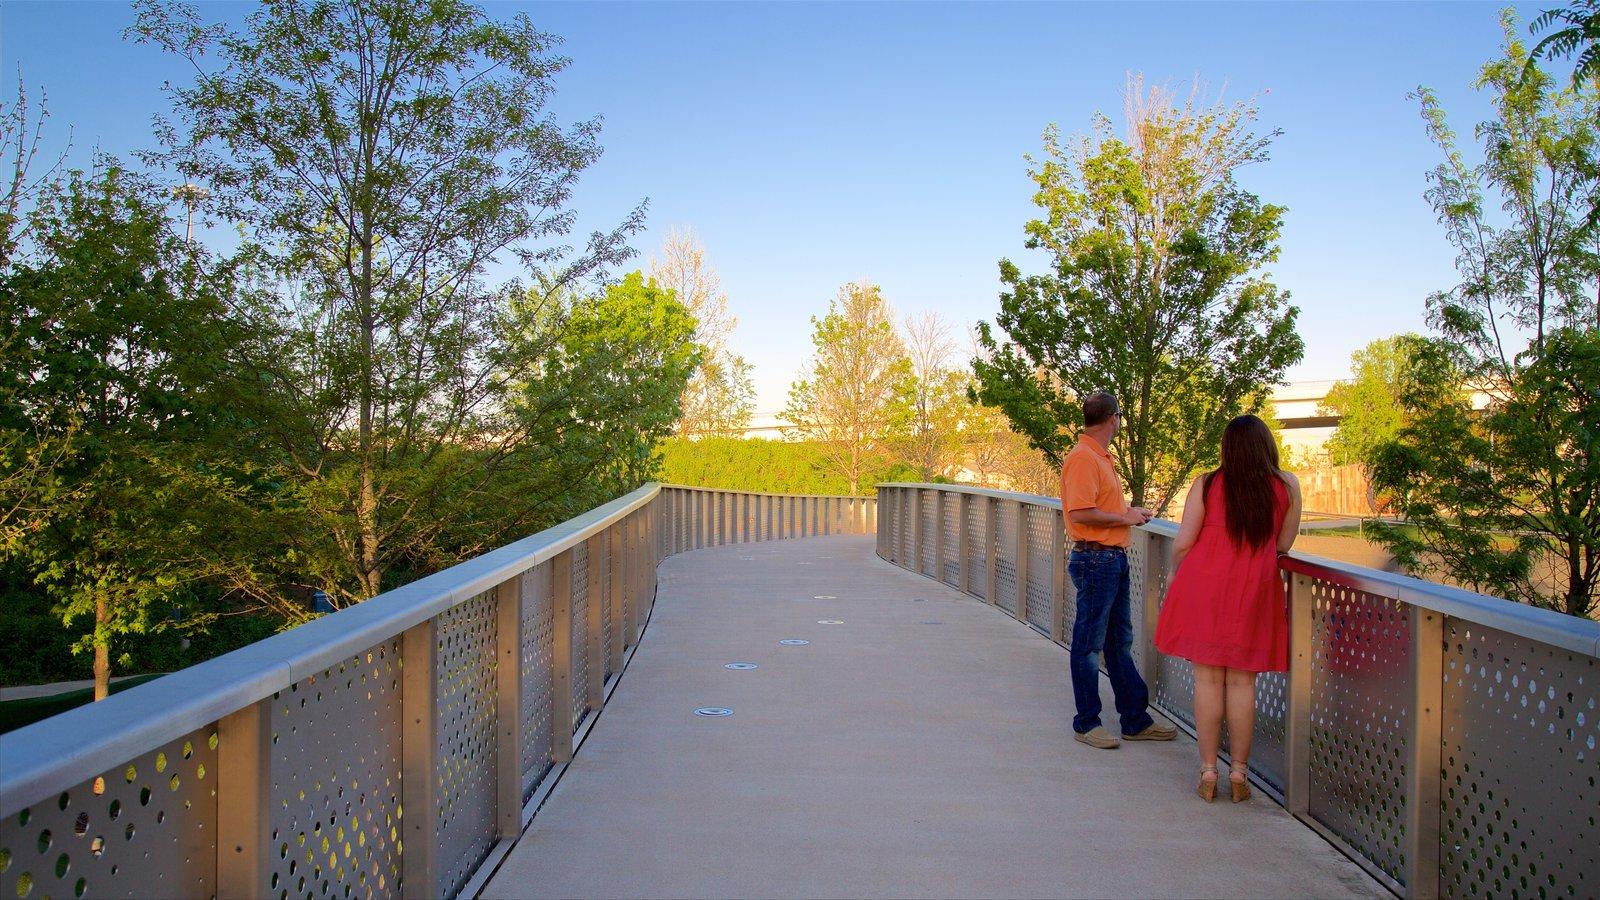 Cumberland Park mostrando un parque y también una pareja